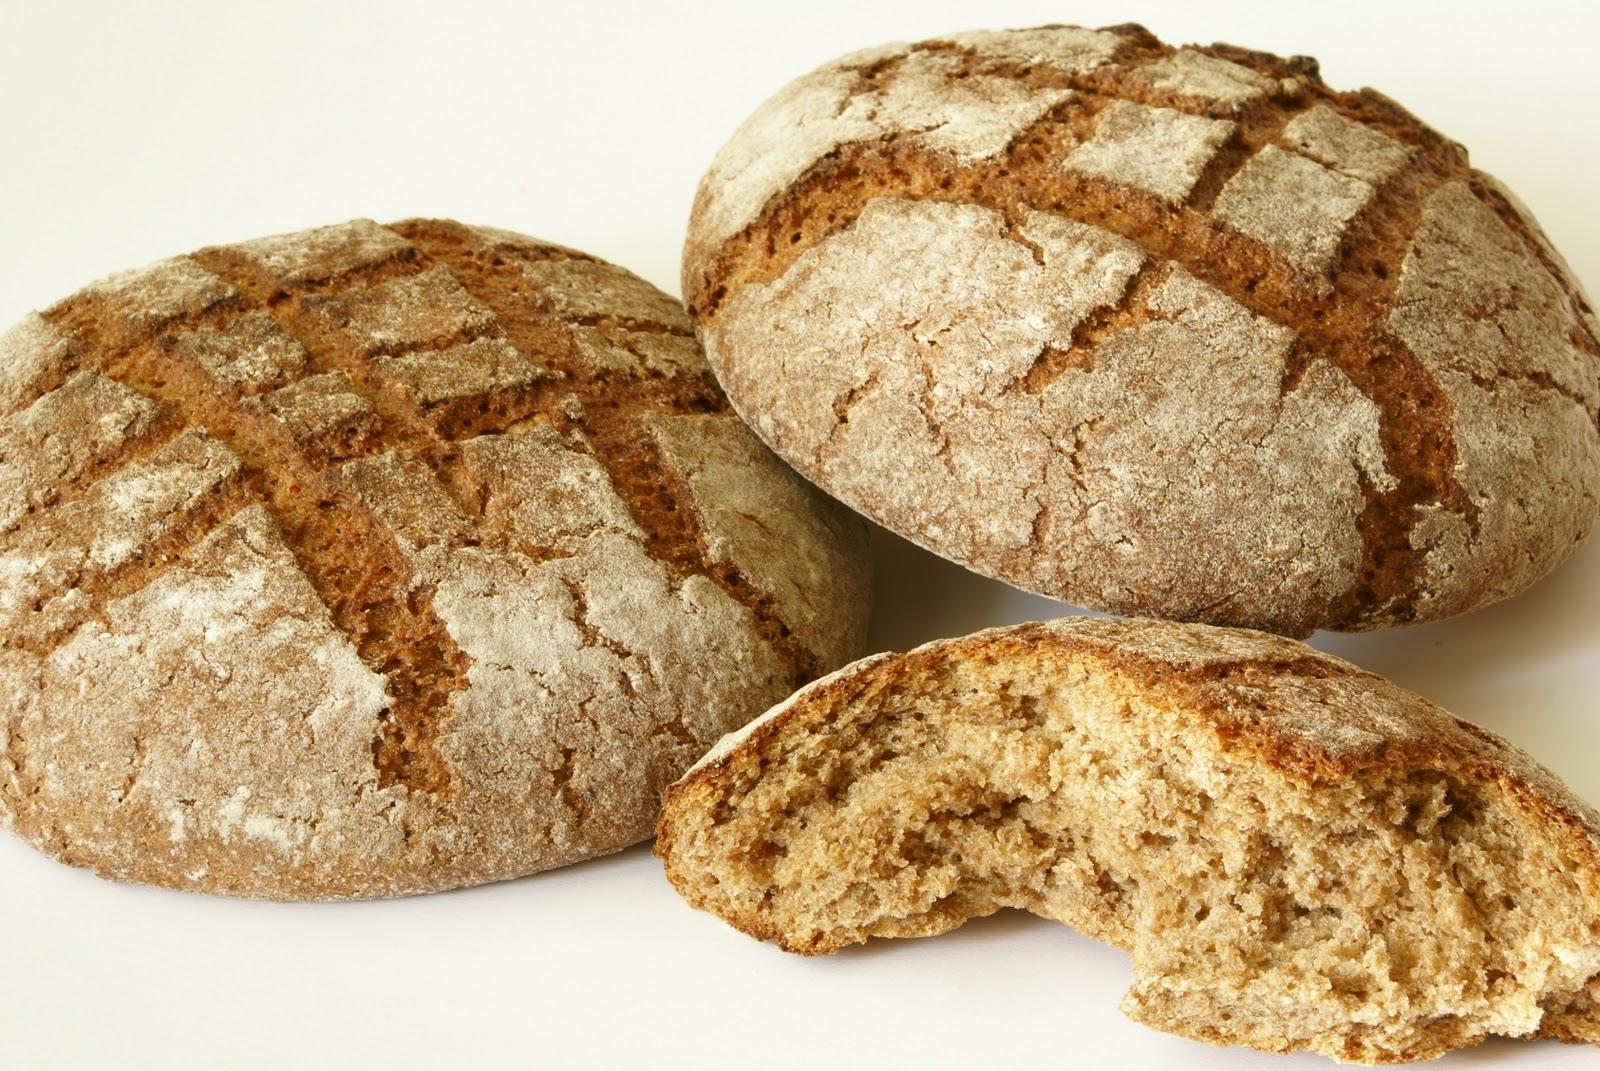 Россиянам предлагают хлеб из фуражного зерна под видом качественной продукции